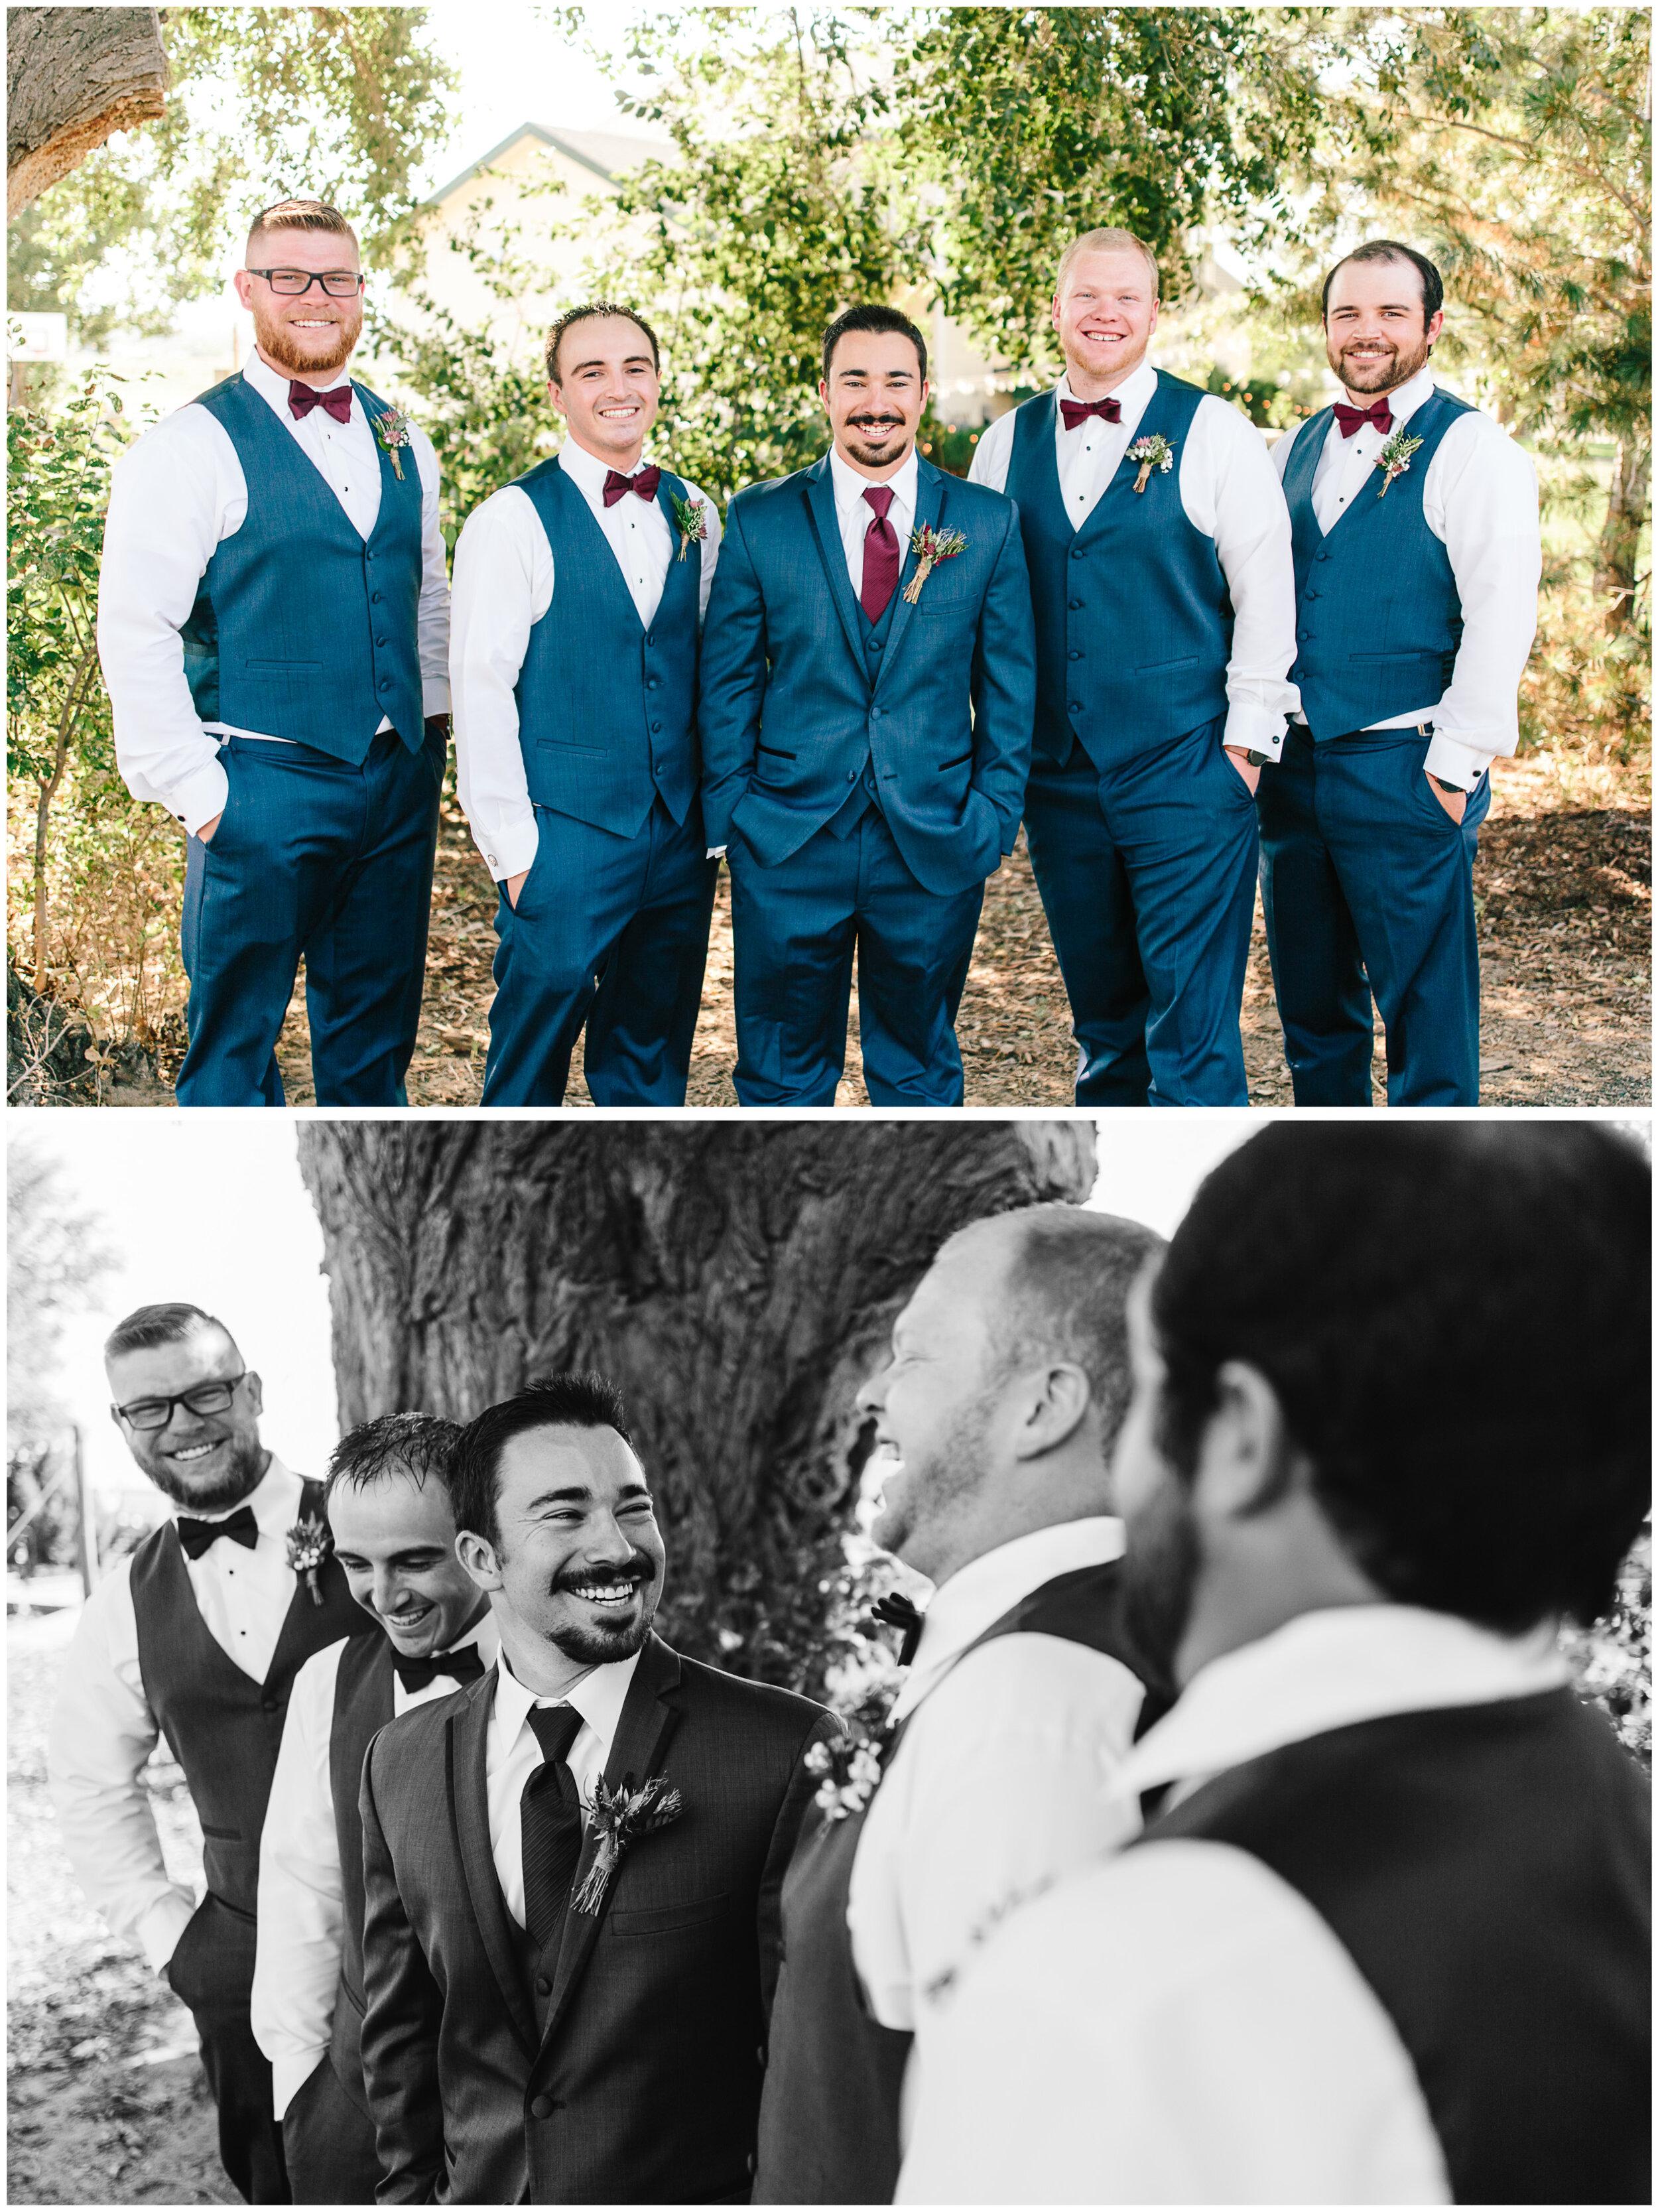 brighton_colorado_wedding_48.jpg